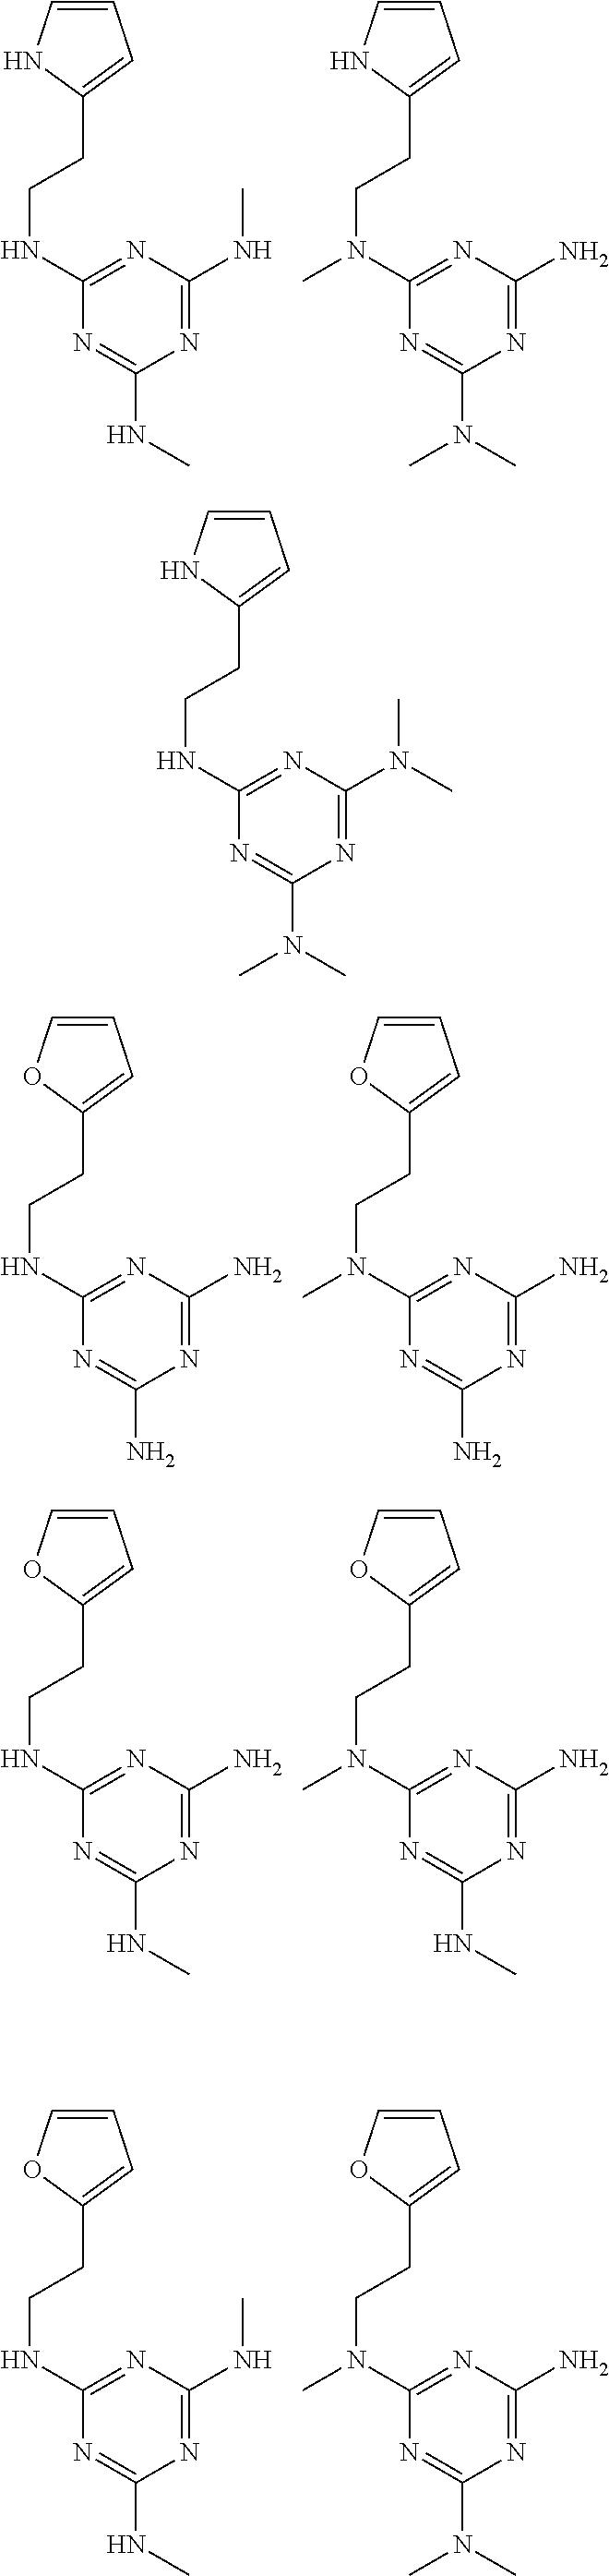 Figure US09480663-20161101-C00139